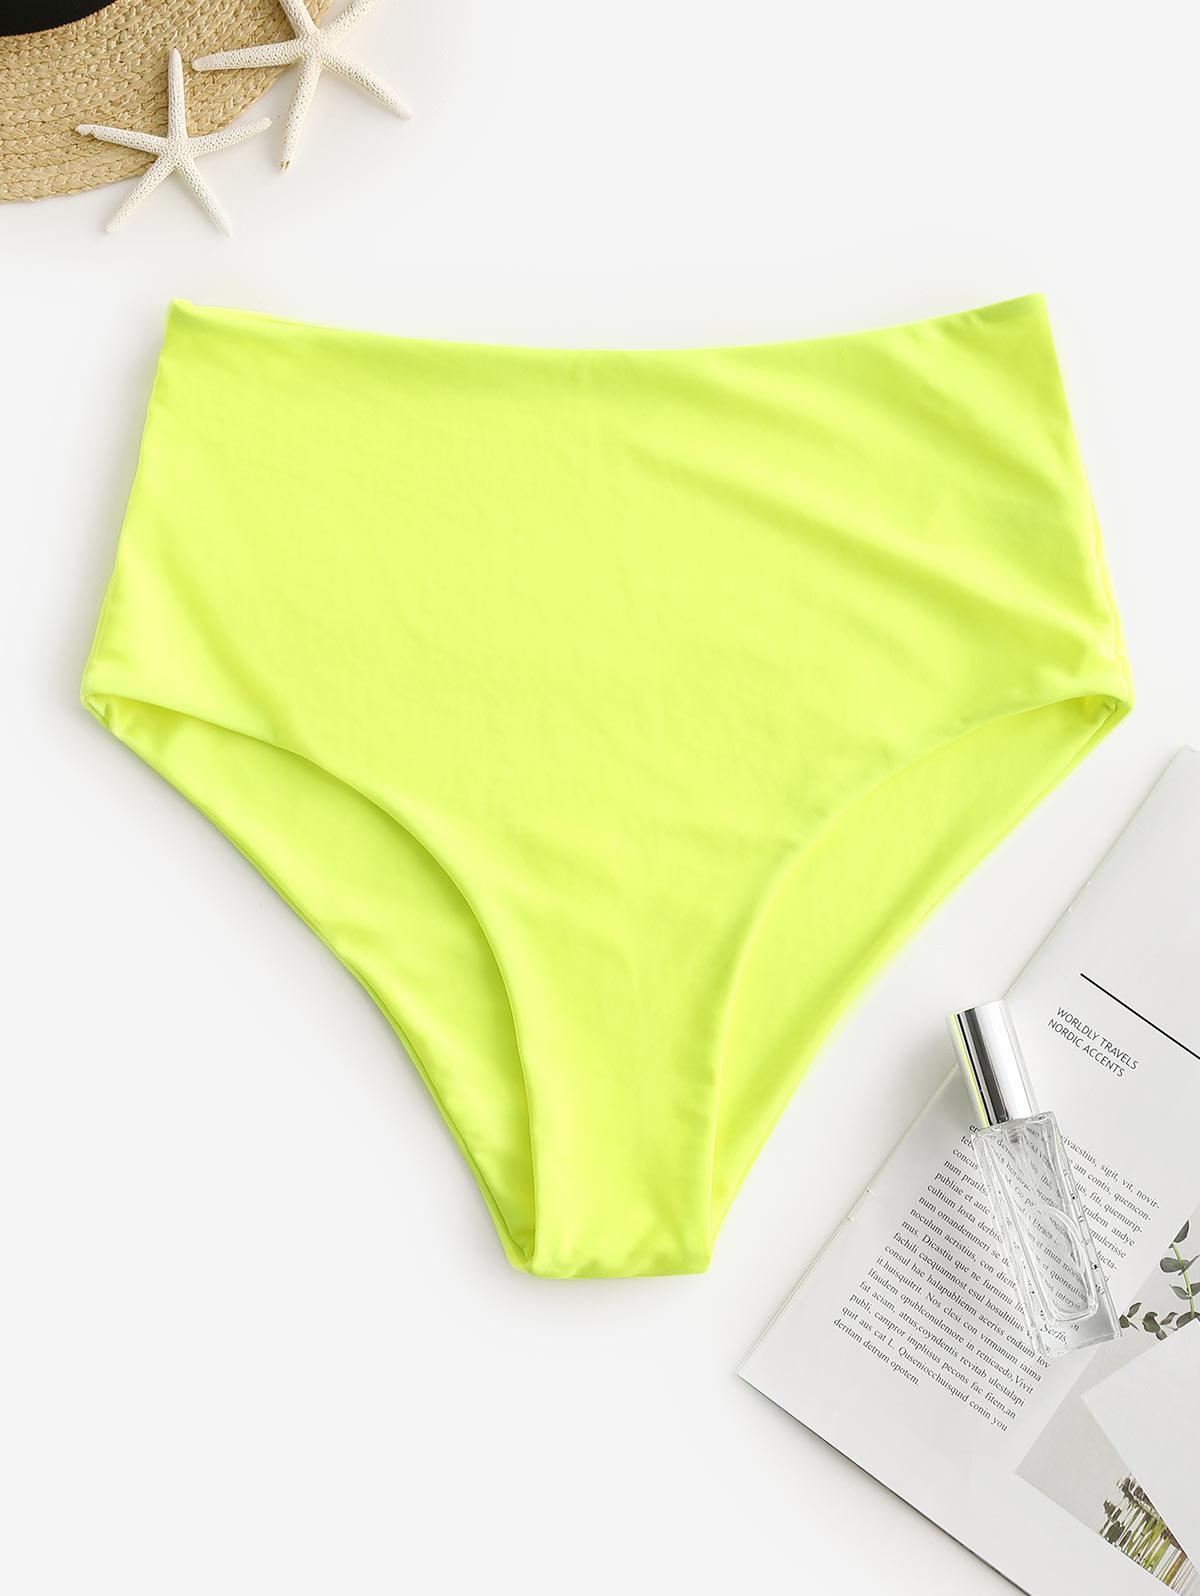 ZAFUL High Waisted Plain Bikini Bottom thumbnail